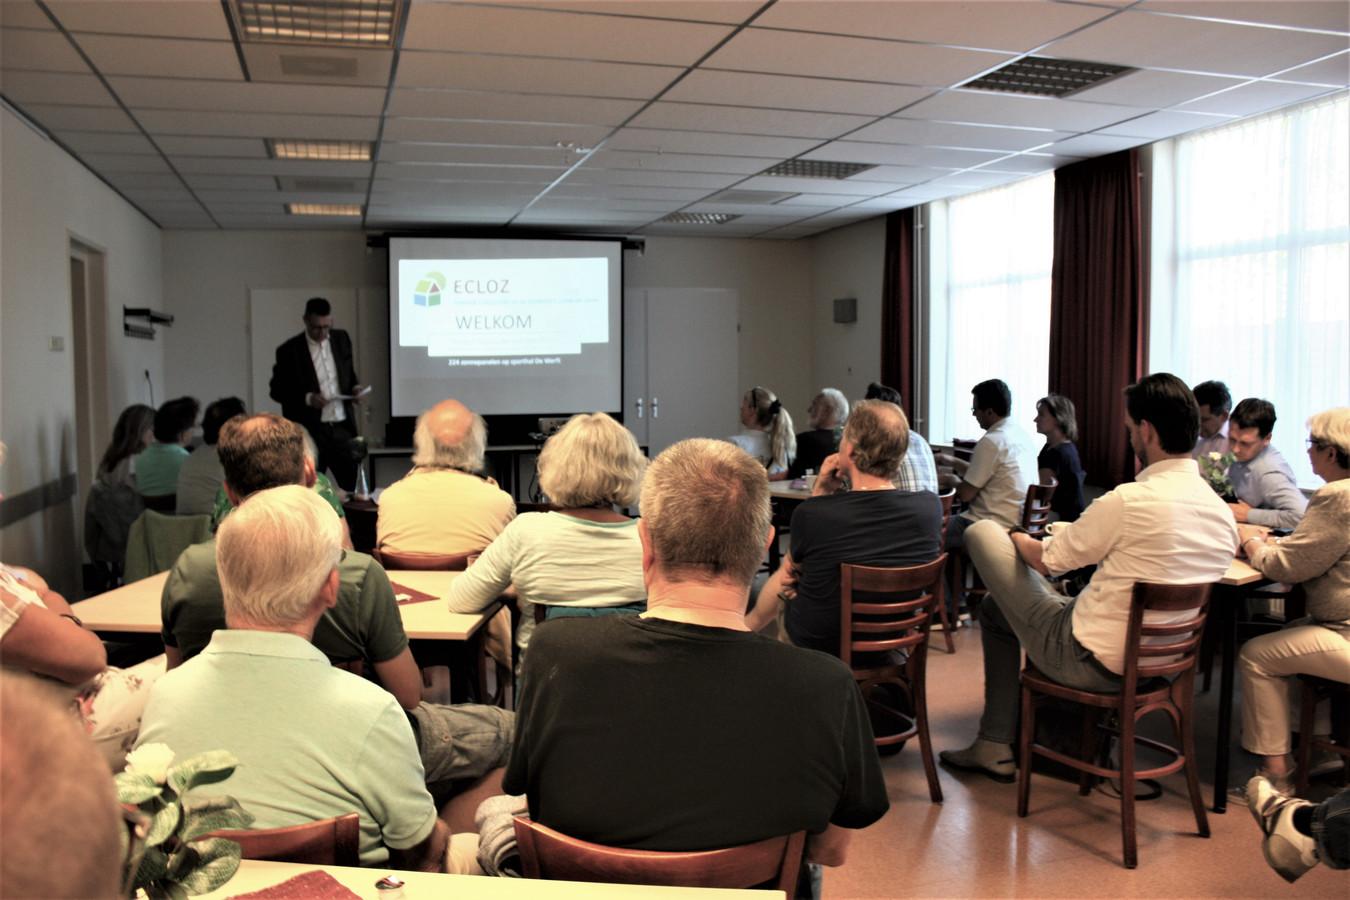 Presentatie van het energieproject Werftzon in de Gildenbond.